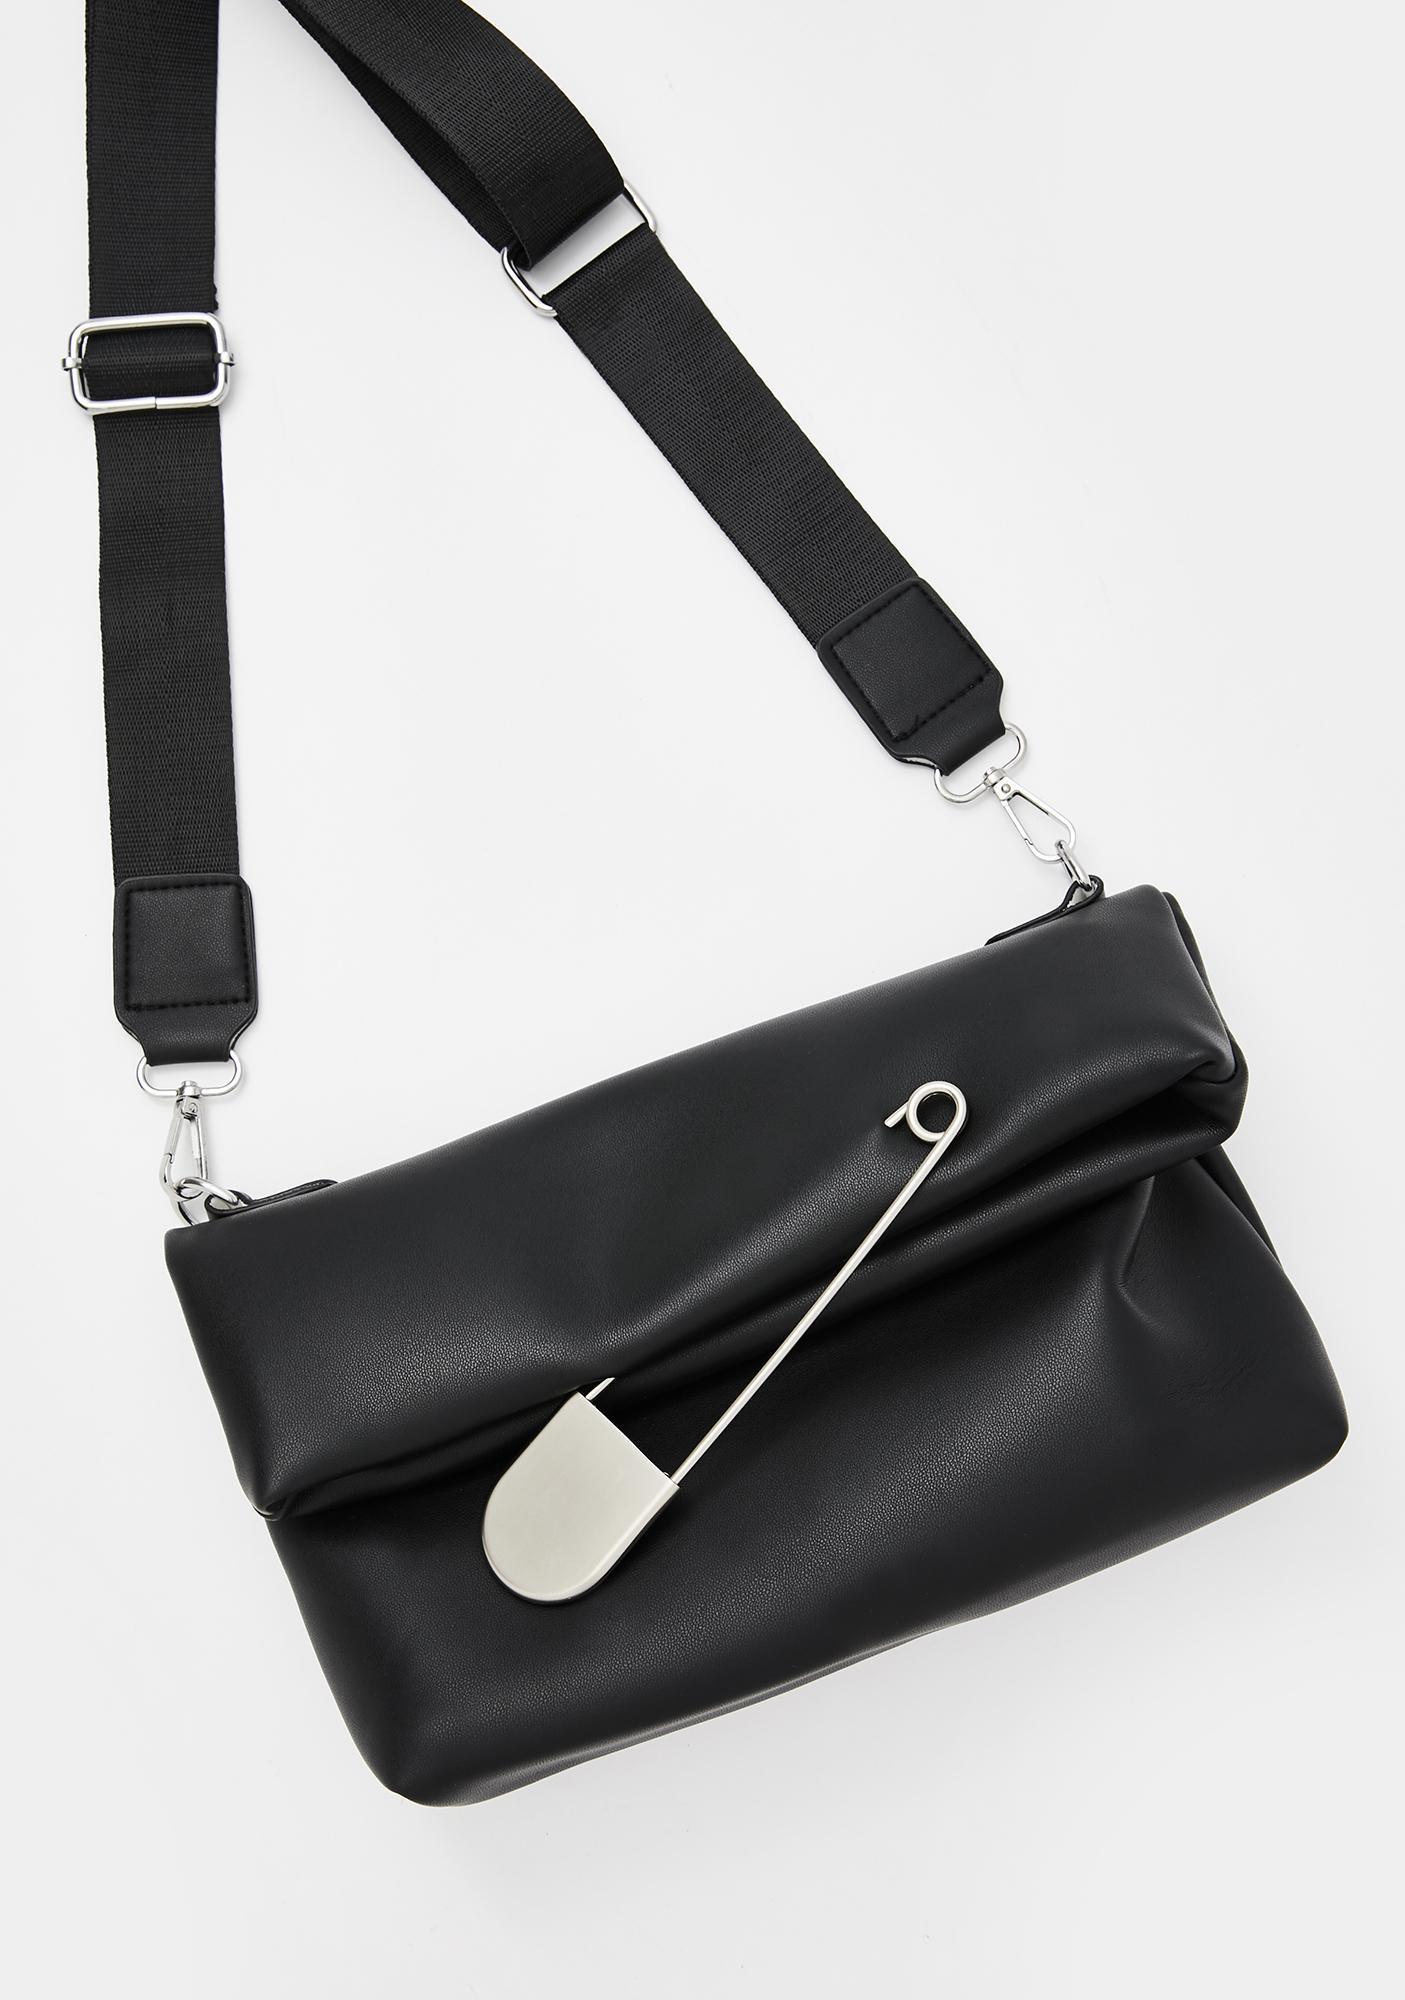 Guard Up Safety Pin Bag